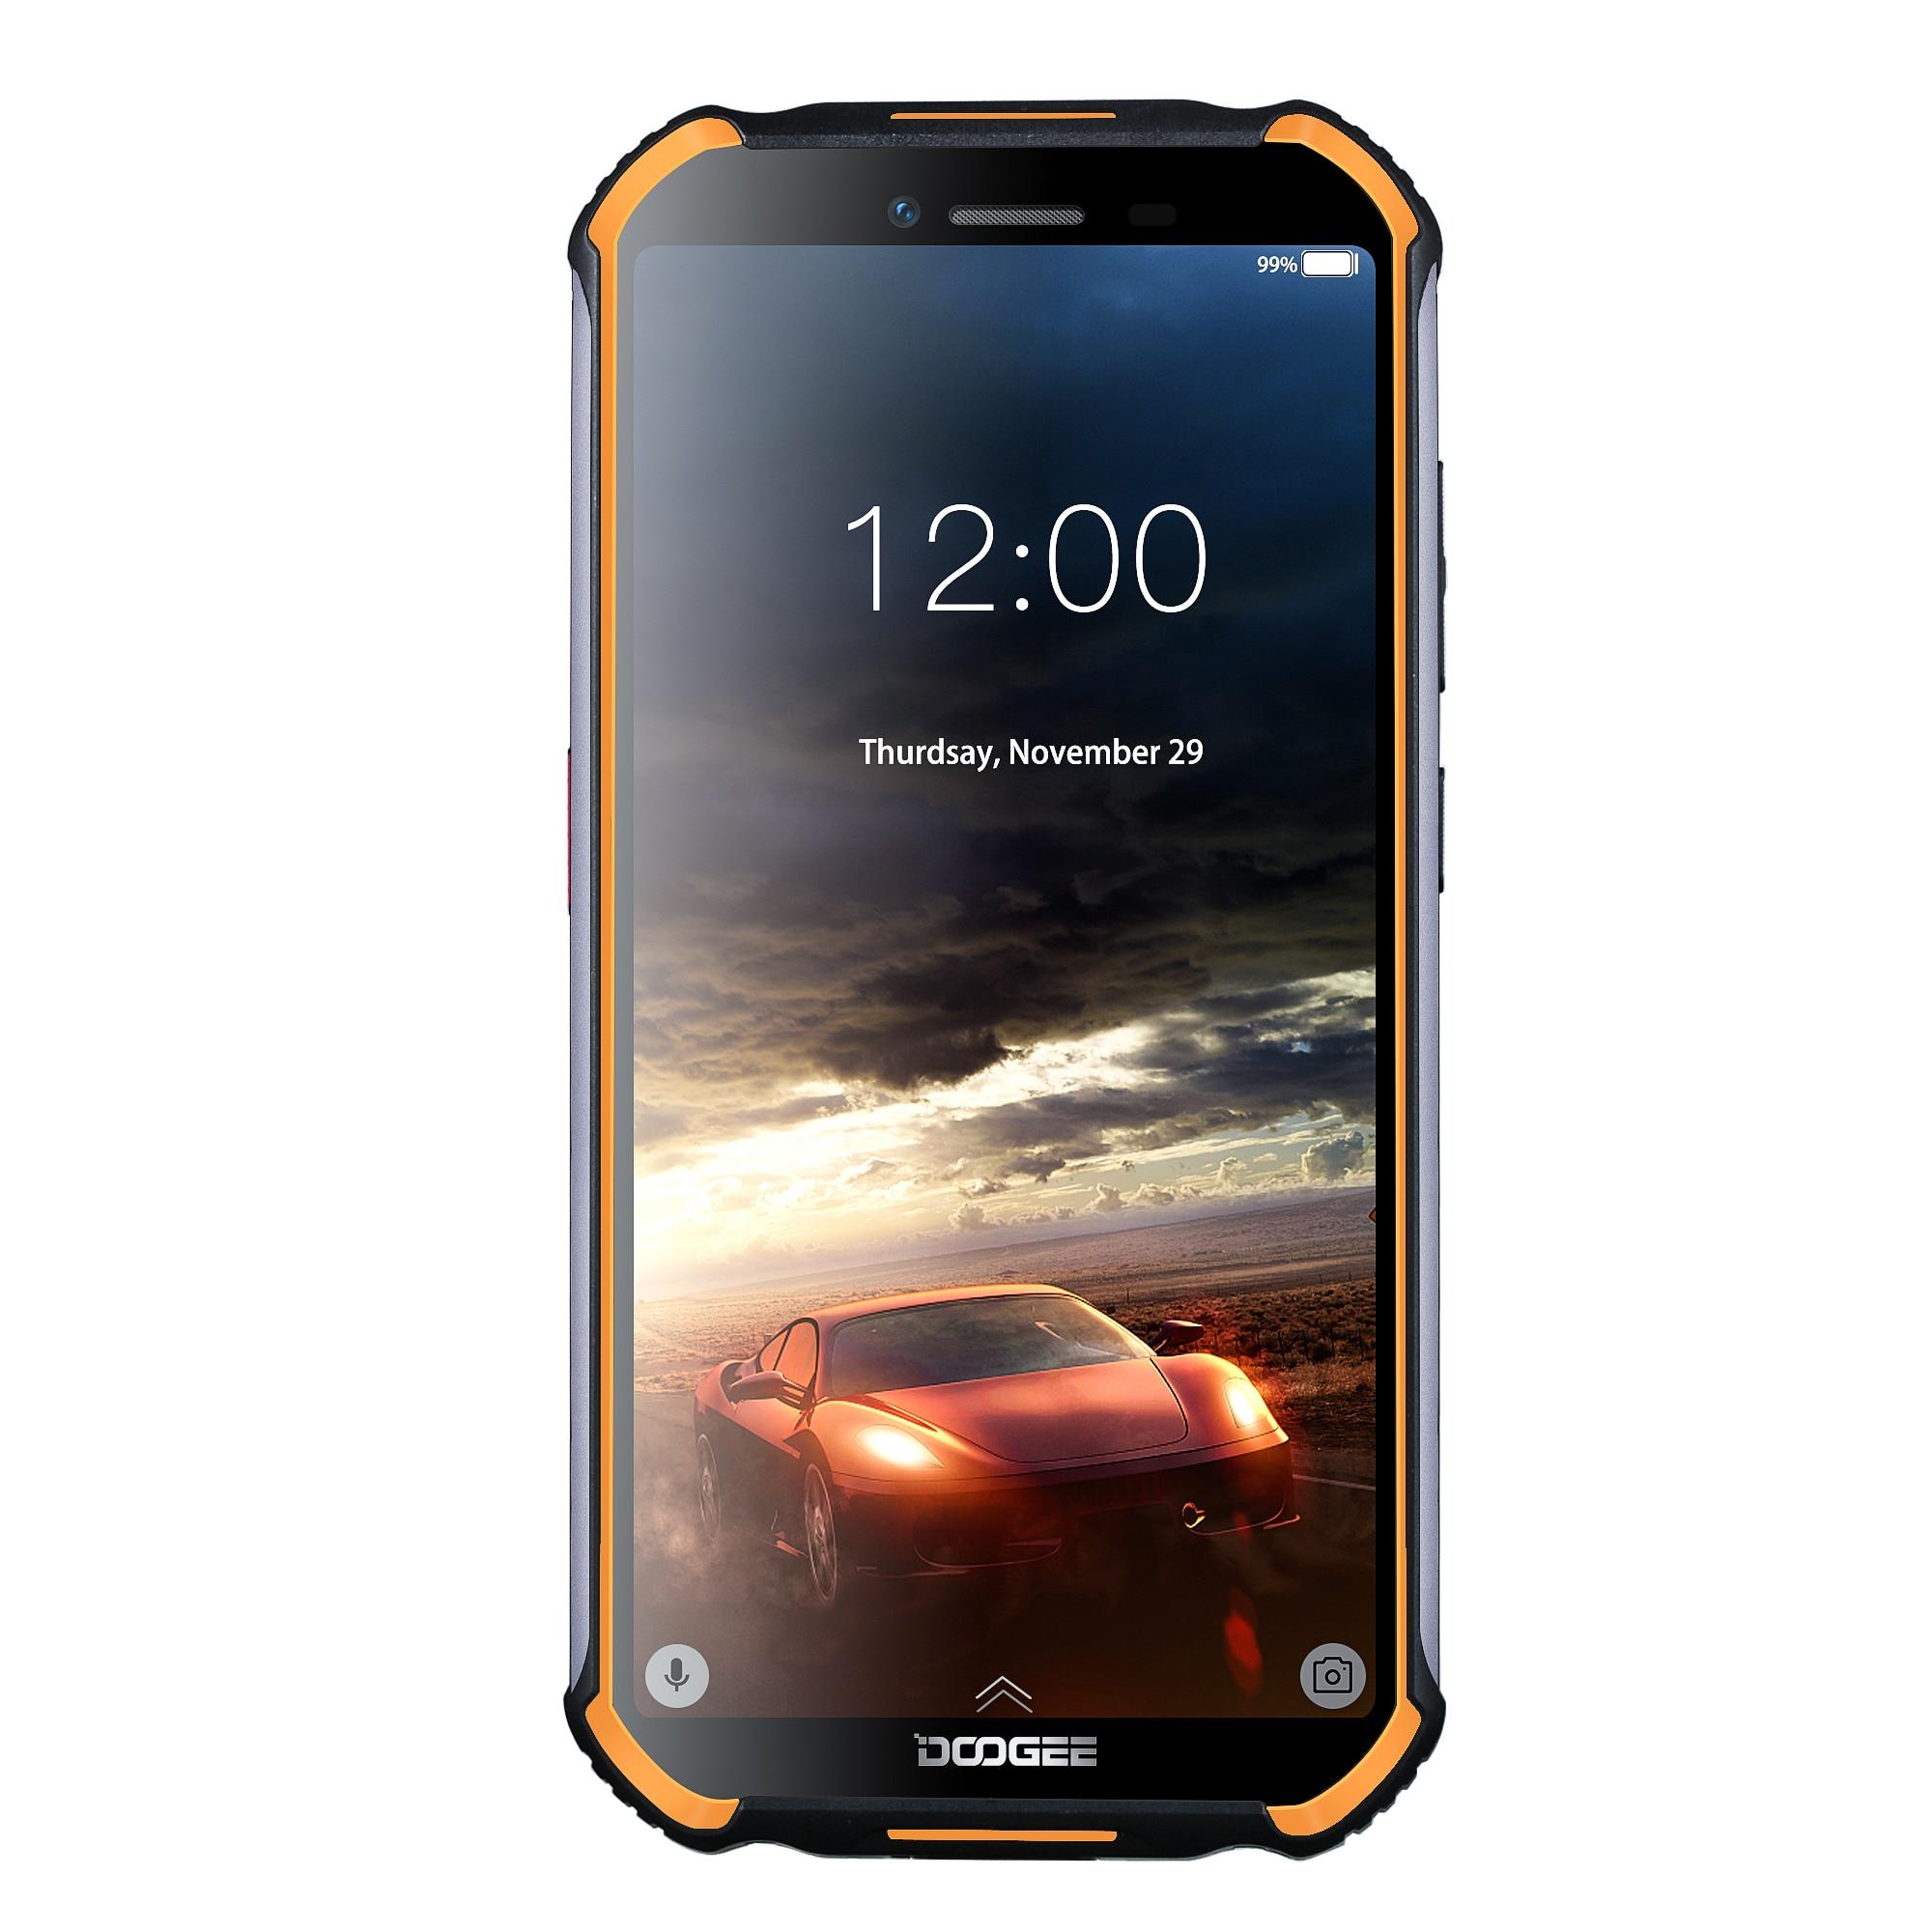 DOOGEE S40 Lite telefon komórkowy czterordzeniowy 2GB 16GB Android 9.0 IP68 wytrzymały telefon 5.5 calowy wyświetlacz 4650mAh 8.0MP odcisk palca|Telefony Komórkowe|   - AliExpress